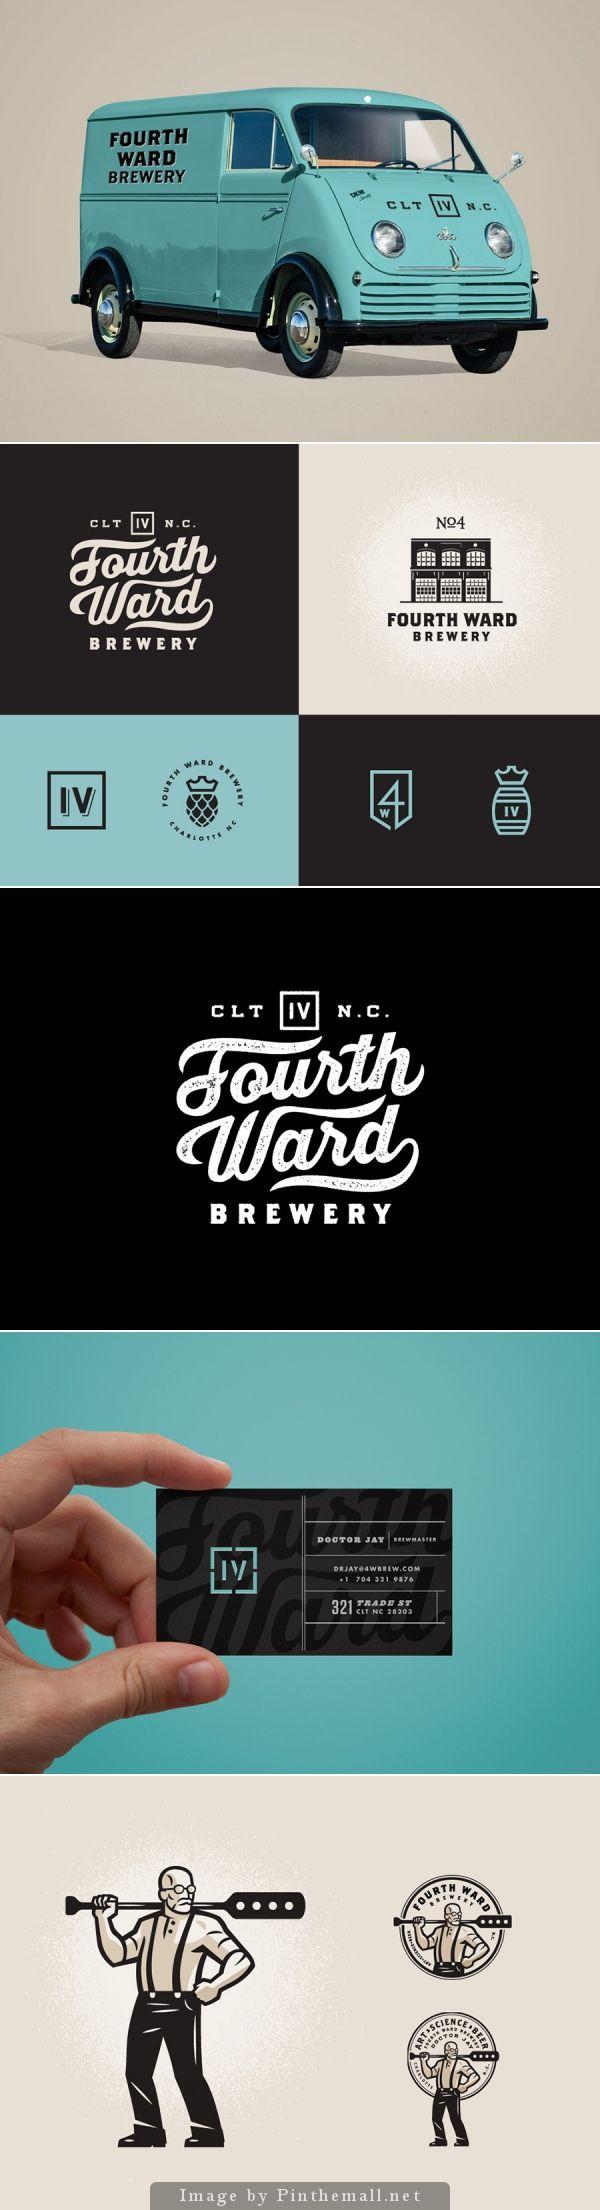 Fourth Ward Brewery Identity by Matt Stevens